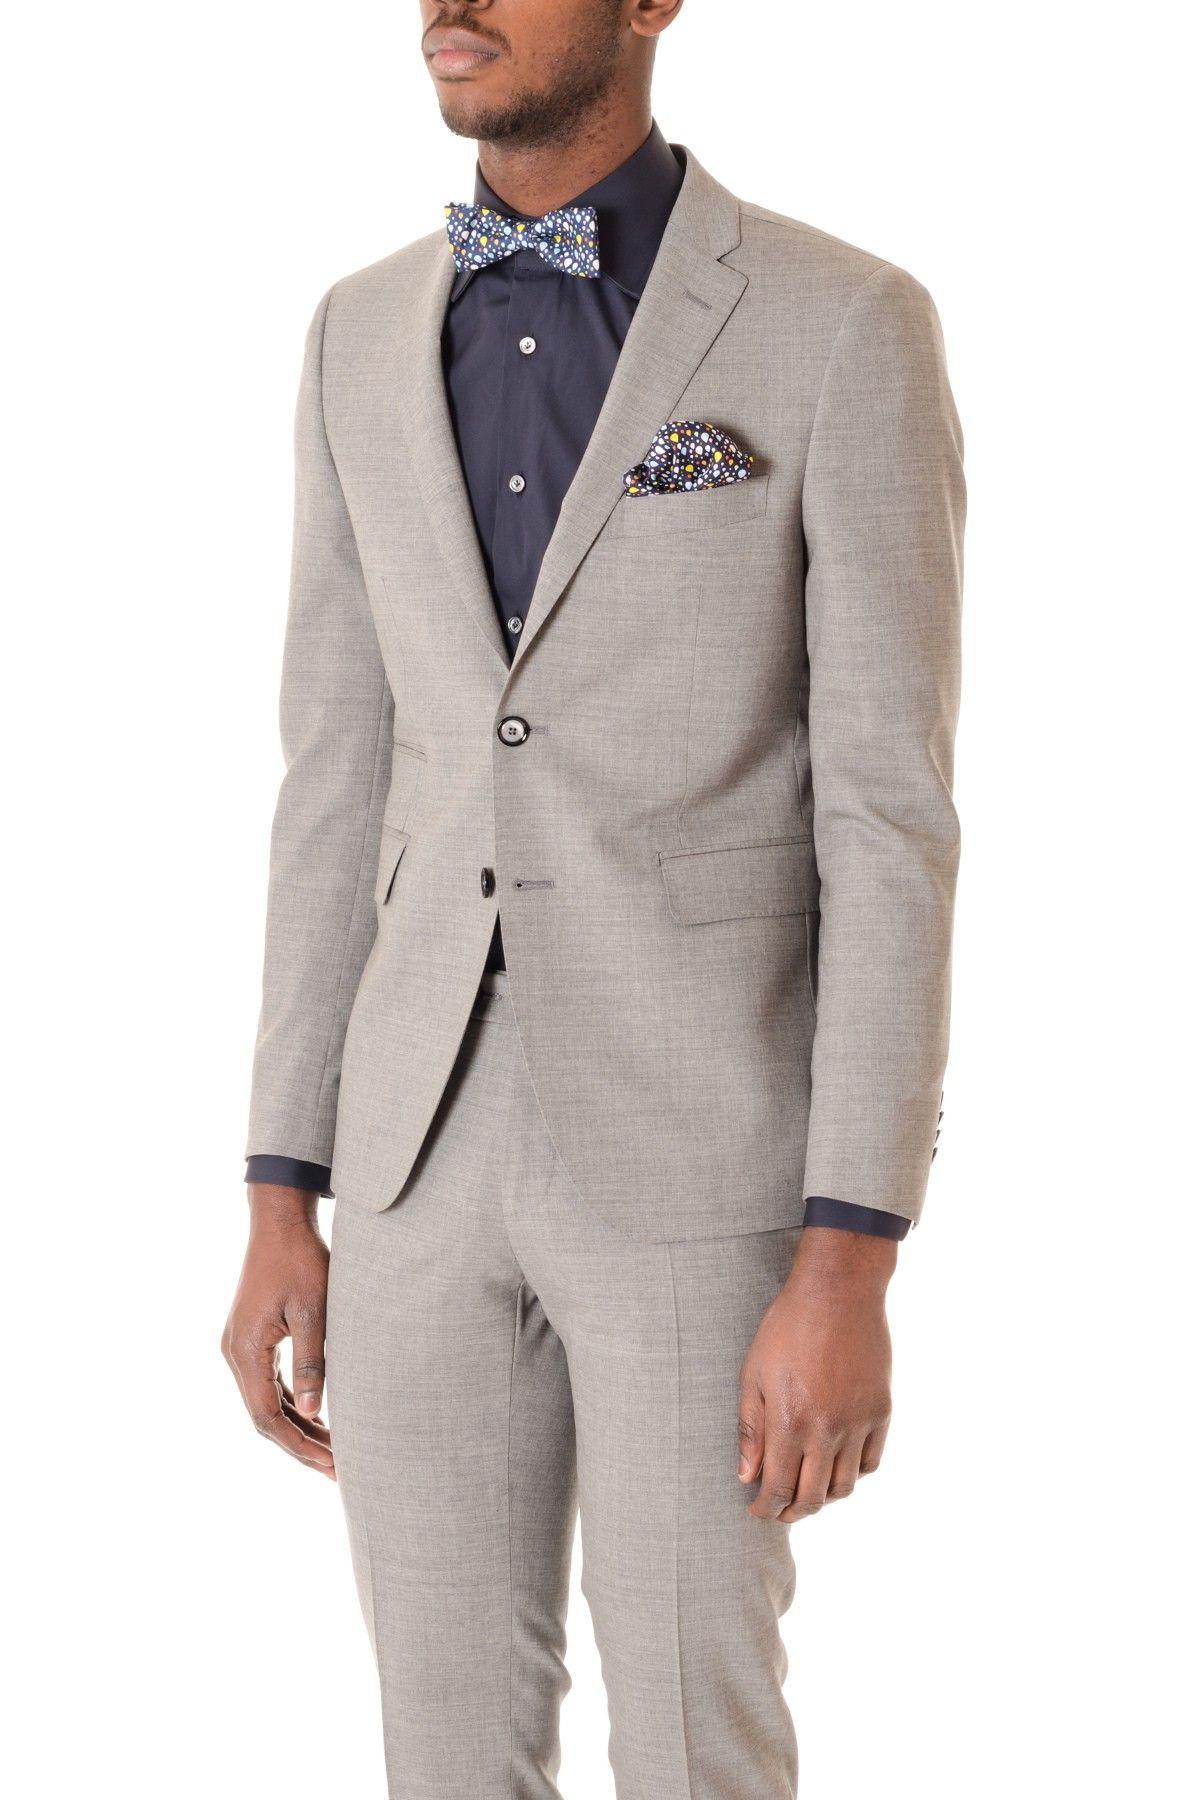 official photos c0267 84baa P/E 16 Abito grigio chiaro da uomo TAGLIATORE | groom suits ...